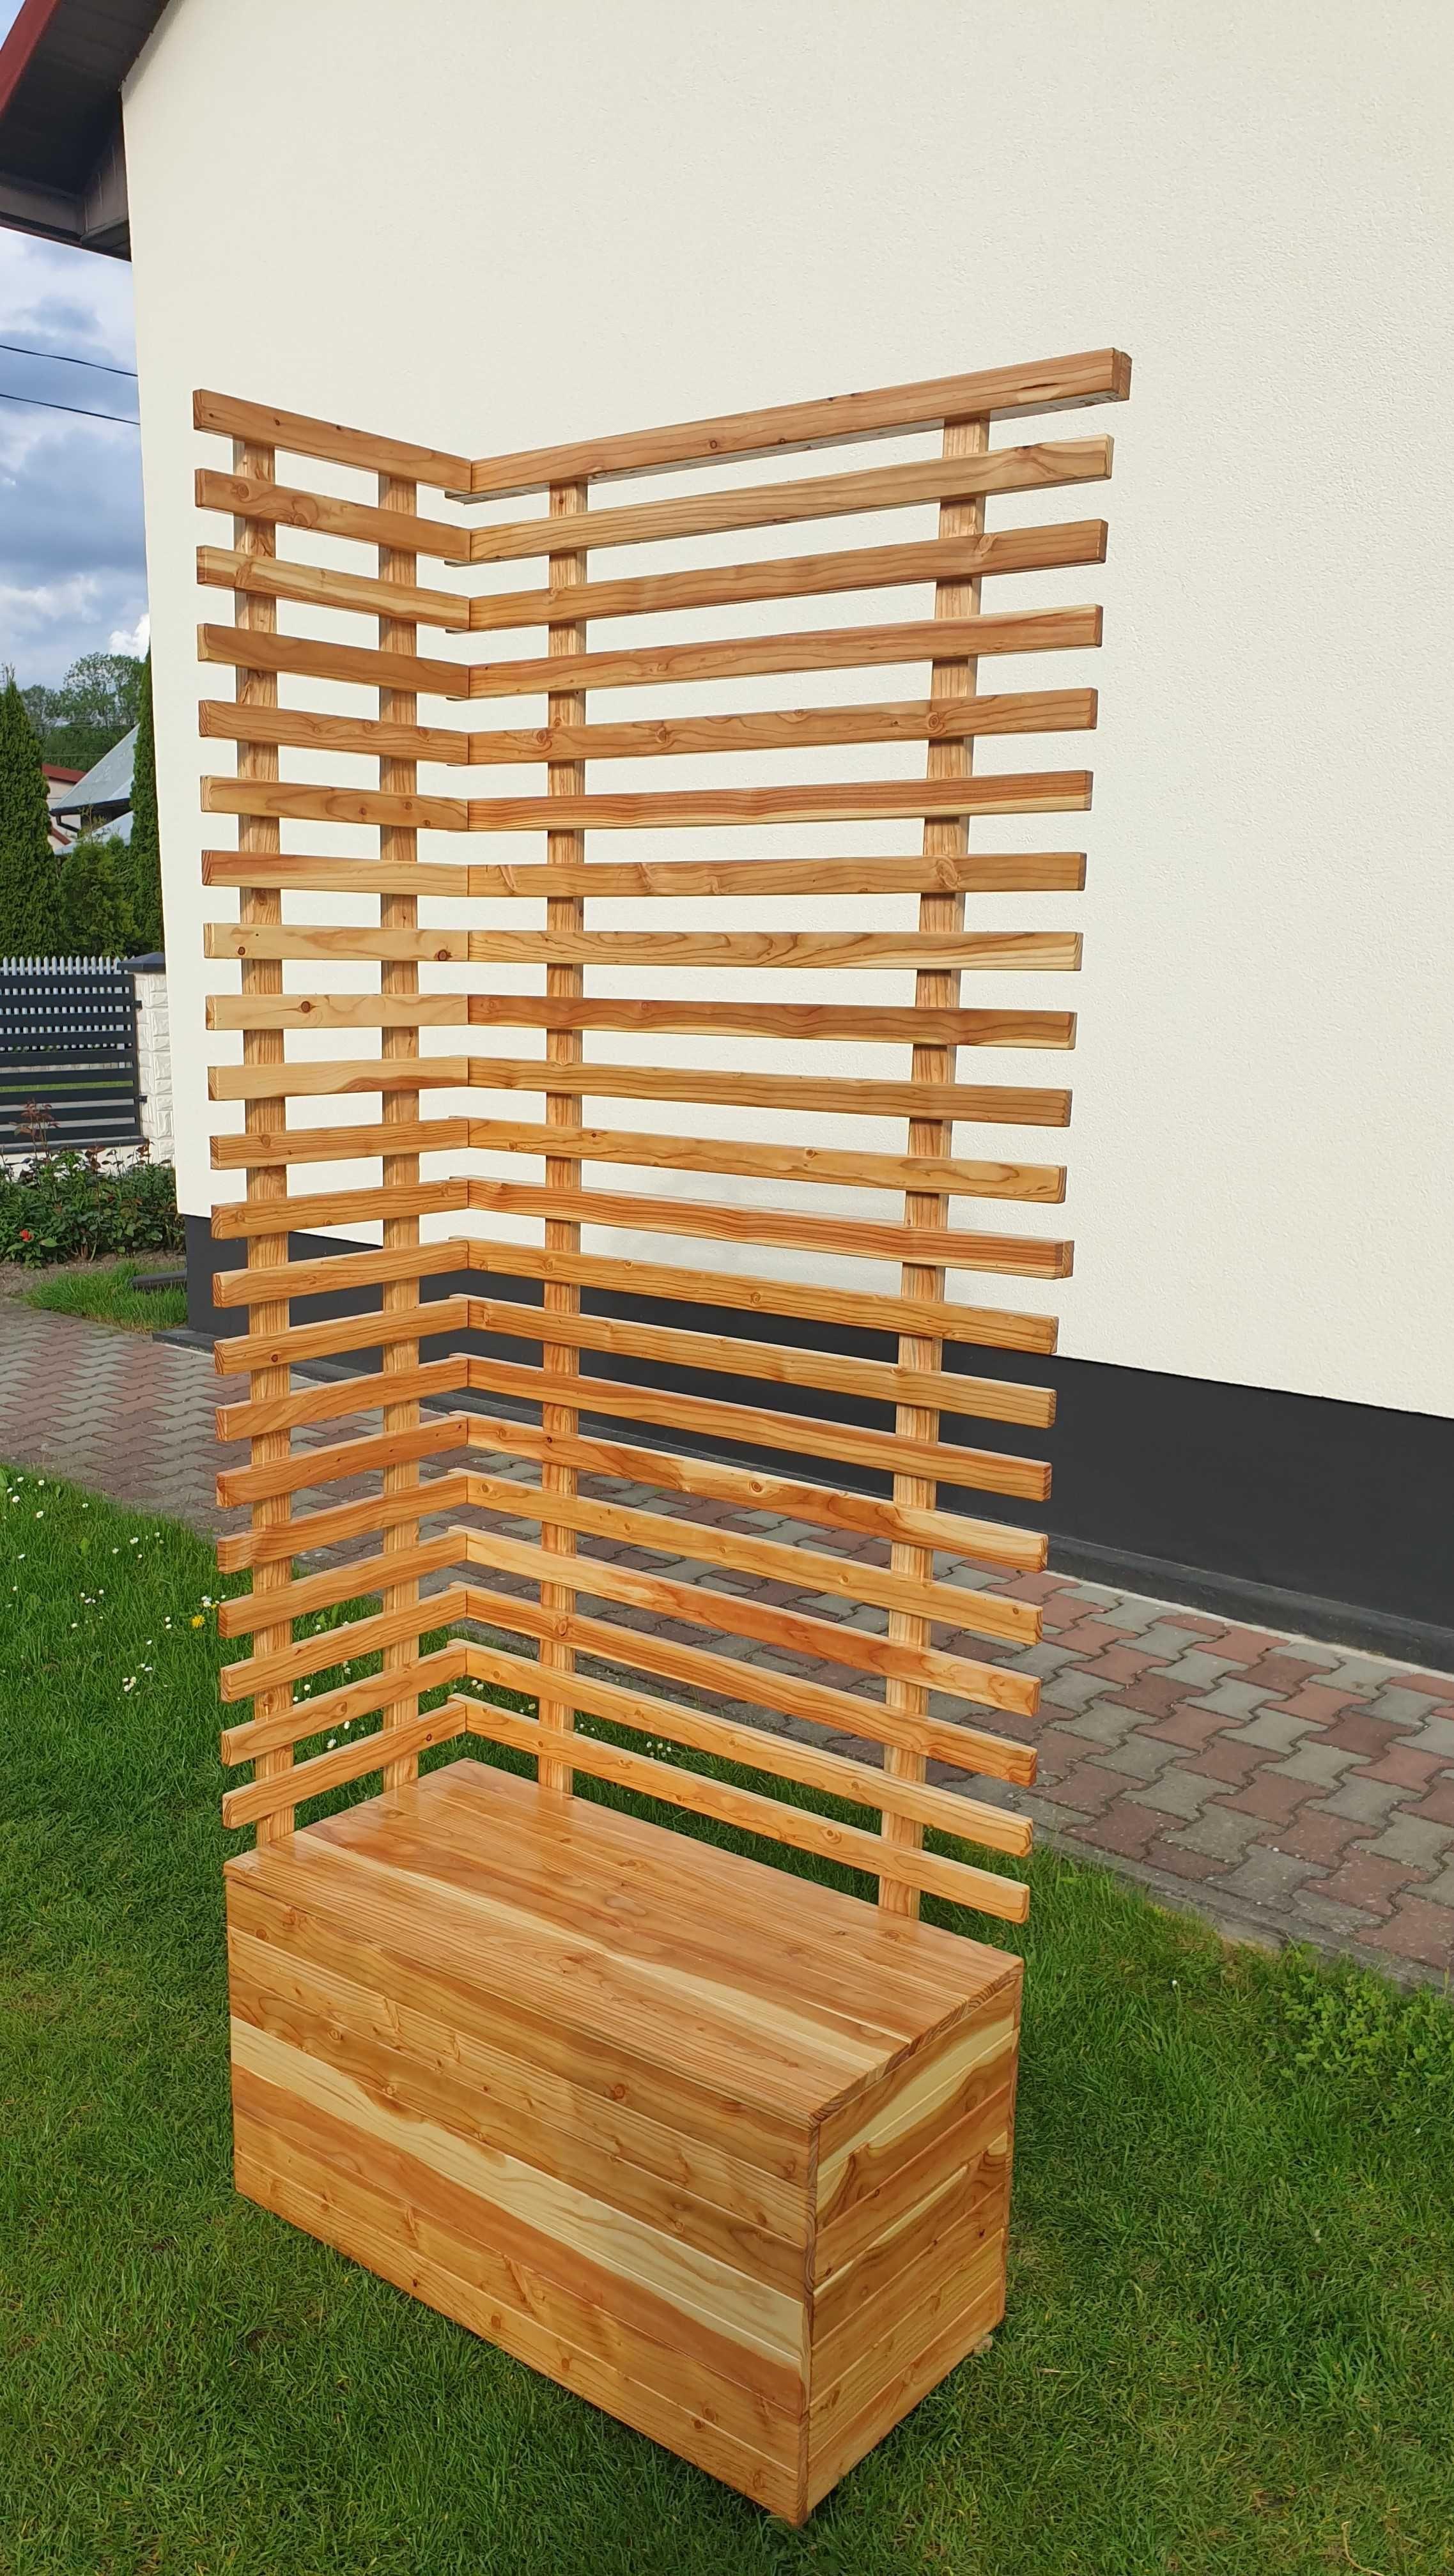 Nowoczesna skrzynia donica drewniana pergola drabinka balkonowa